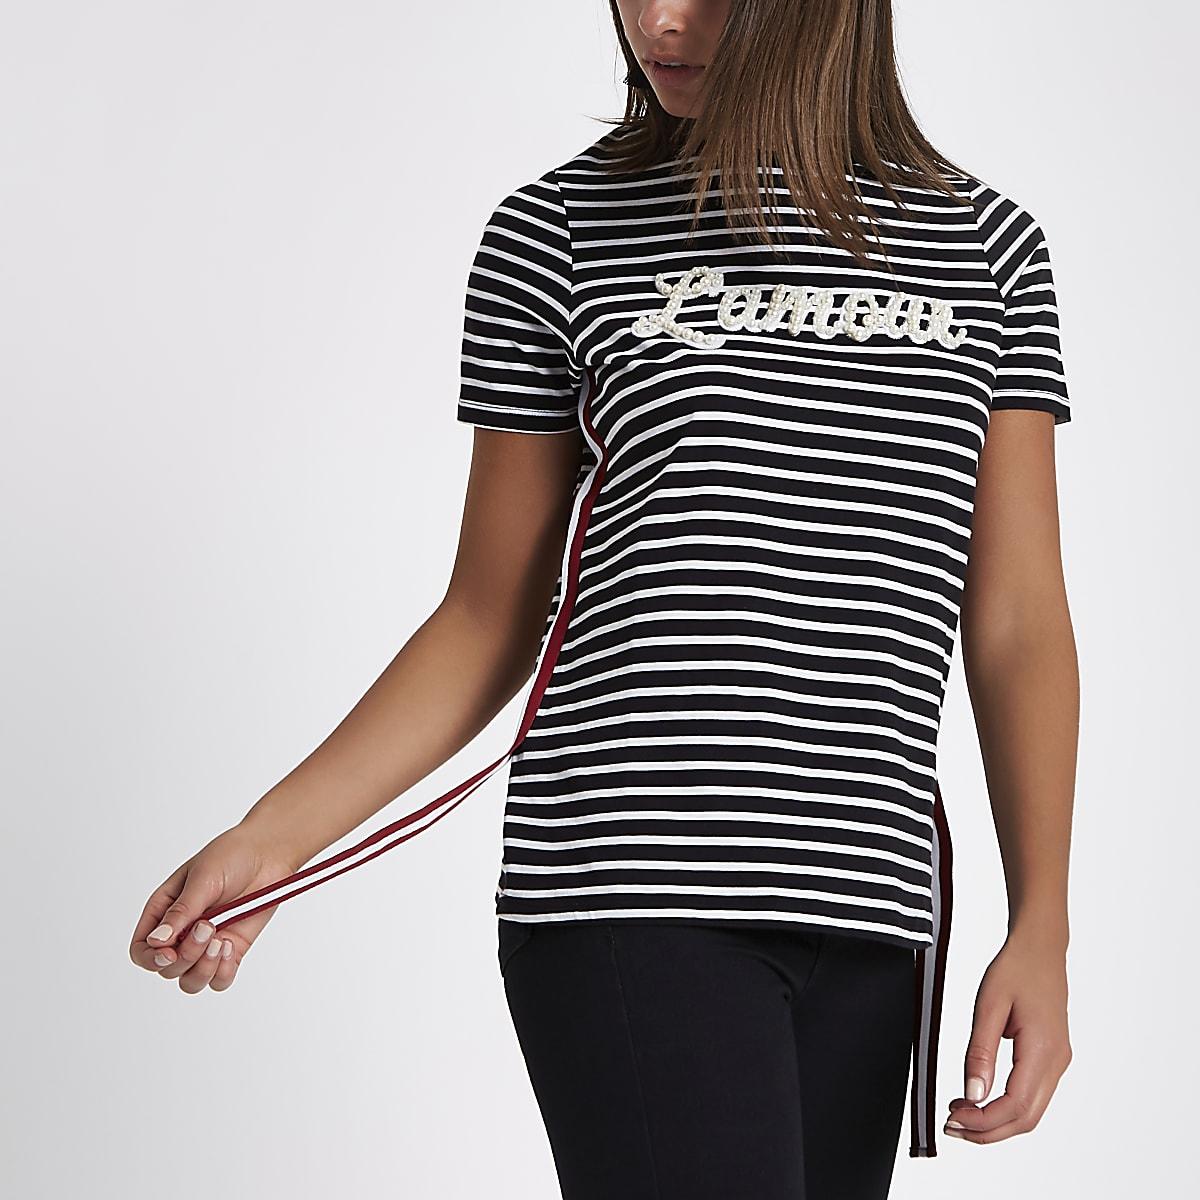 Zwart T-shirt met 'Lamour'-print, strepen en tape opzij